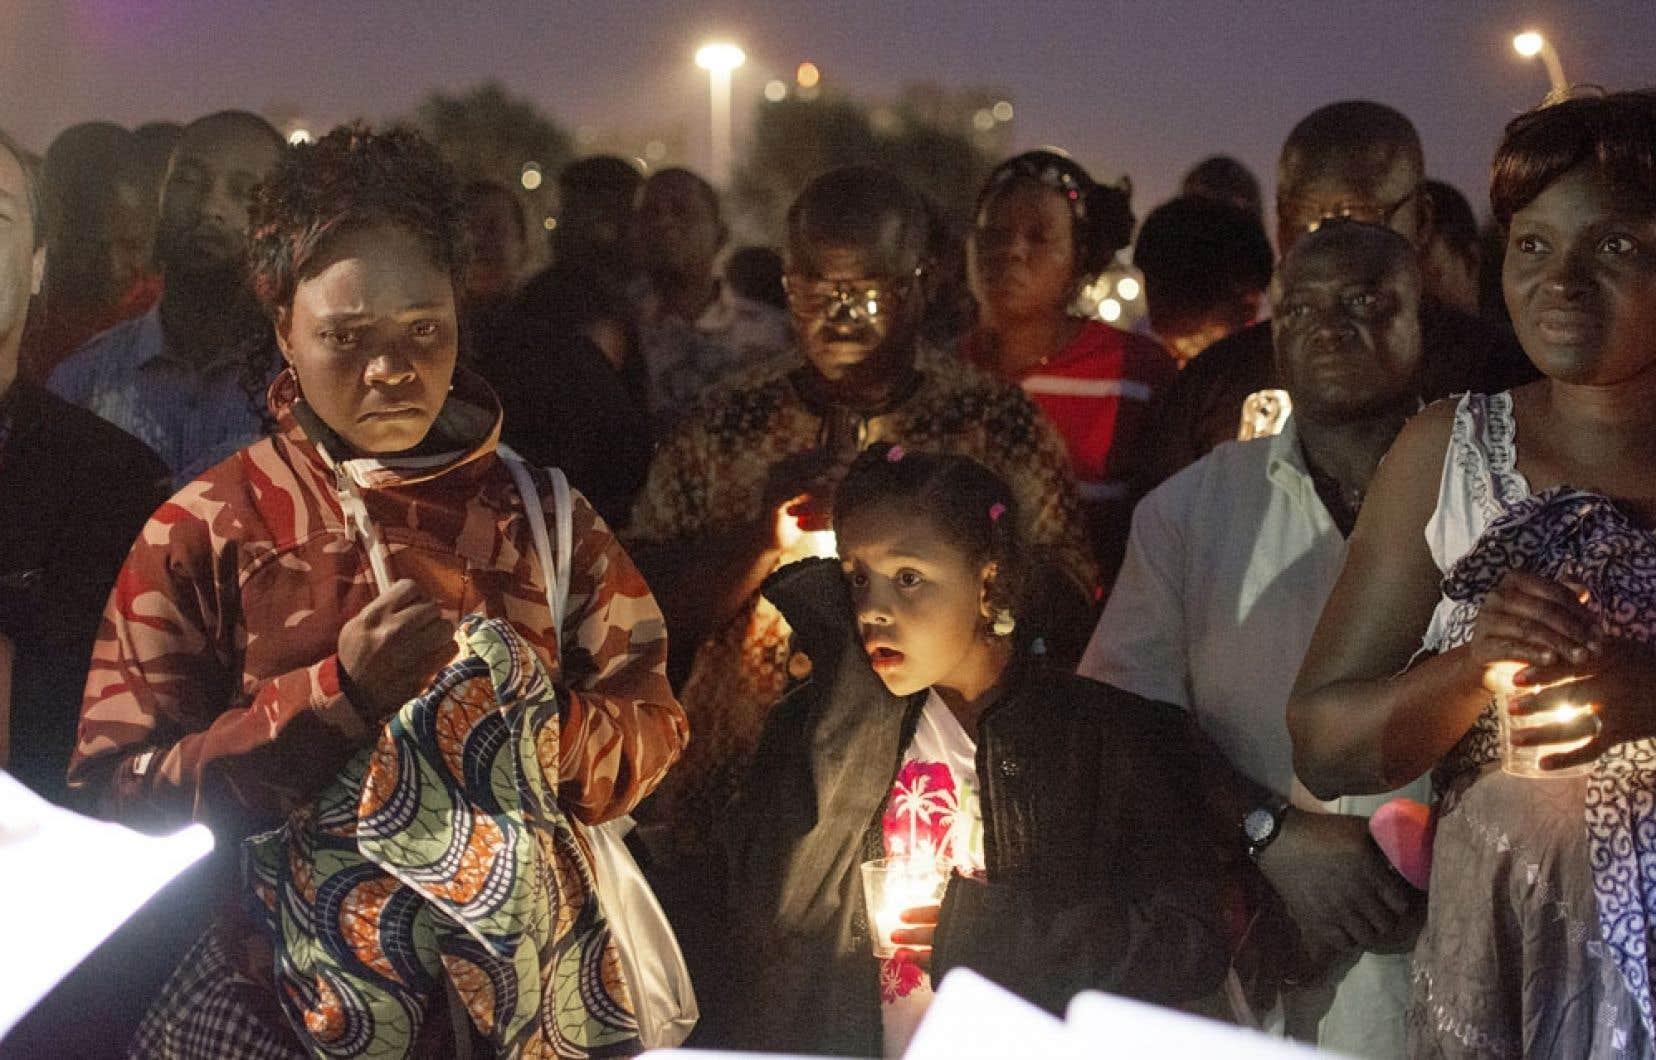 Plus de 60 personnes se sont regroupées vendredi soir au parc Marie-Victorin, à Longueuil, pour tenir une vigile à la chandelle en mémoire des victimes.